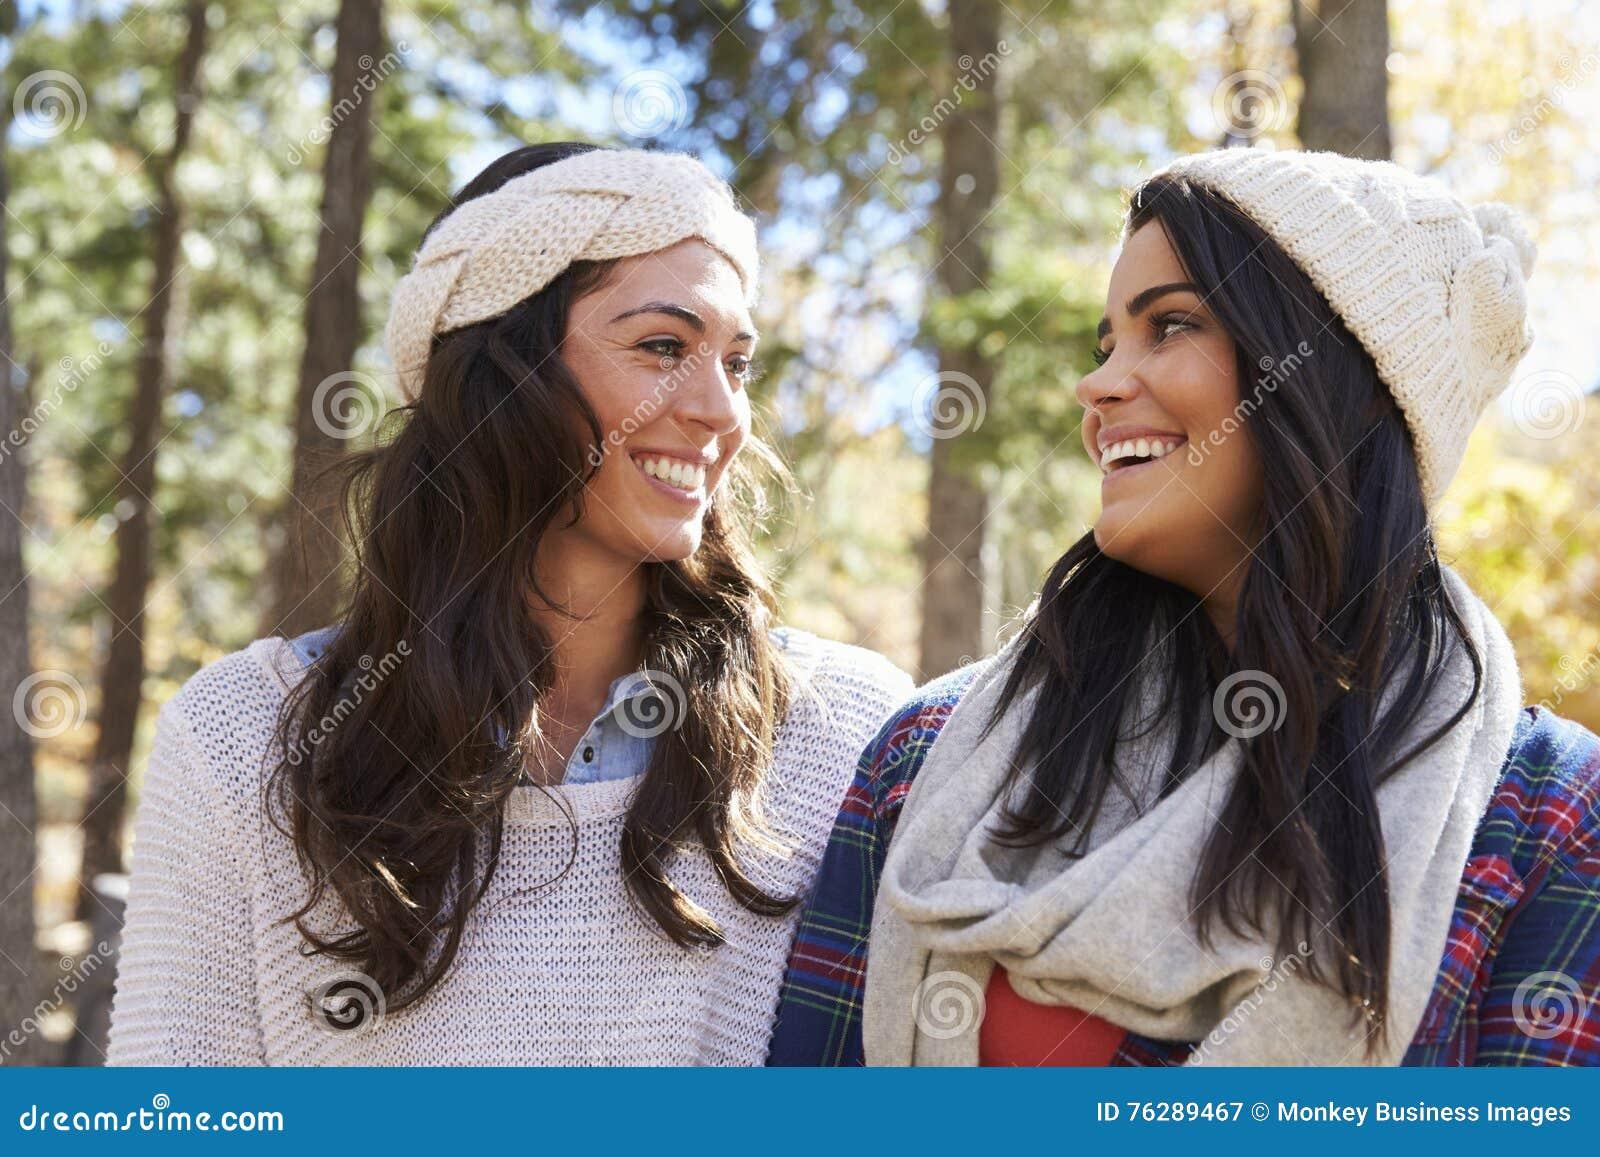 Pares lésbicas em um ajuste rural, olhando se